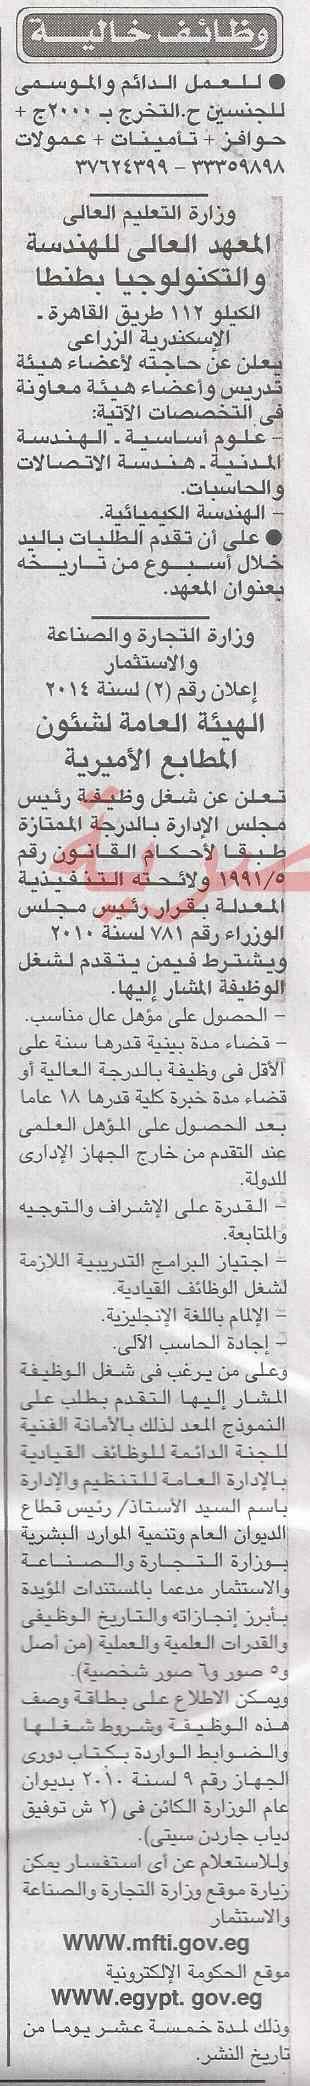 وظائف جريدة الاخبار اليوم الاربعاء 30-4-2014 ,يطلب المعهد العالى للهندسة و التكنولوجيا فى طنطا شغل